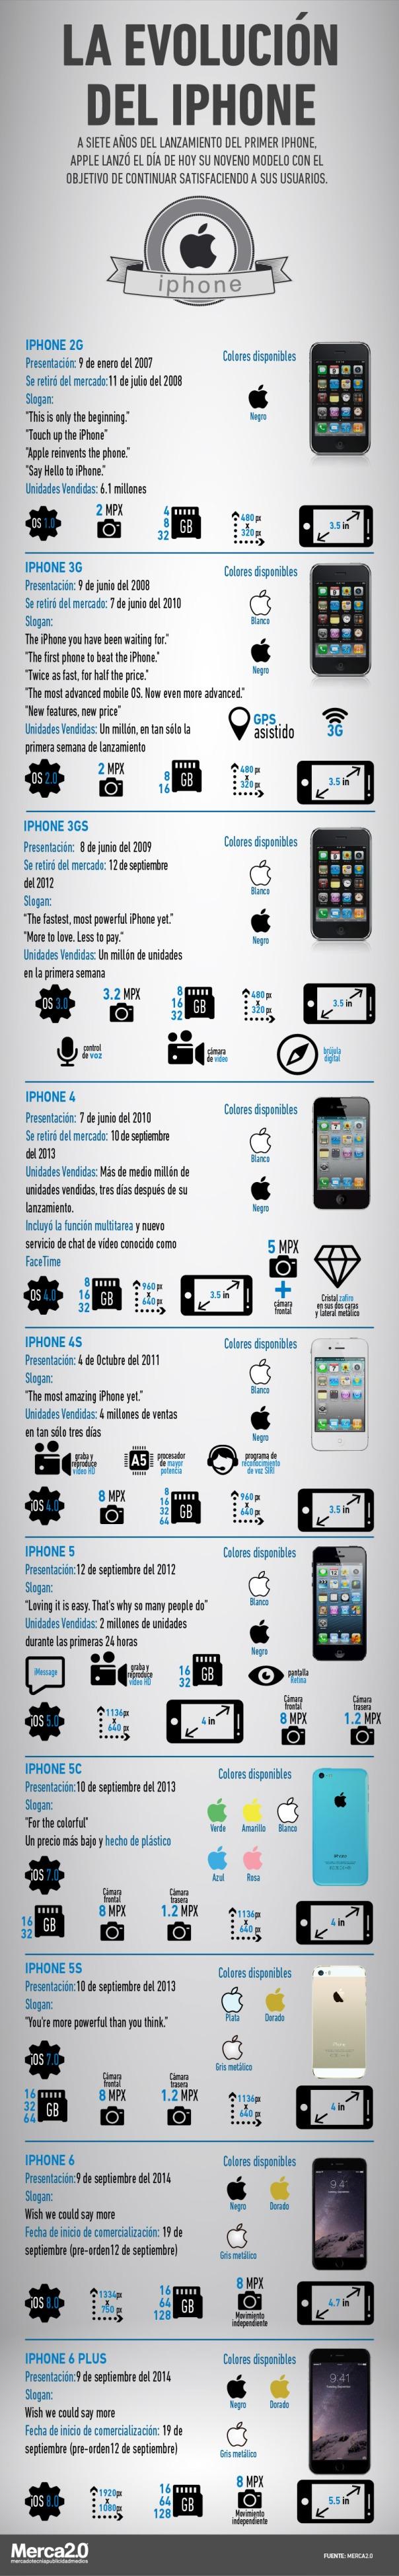 Cómo hemos llegado al iPhone 6